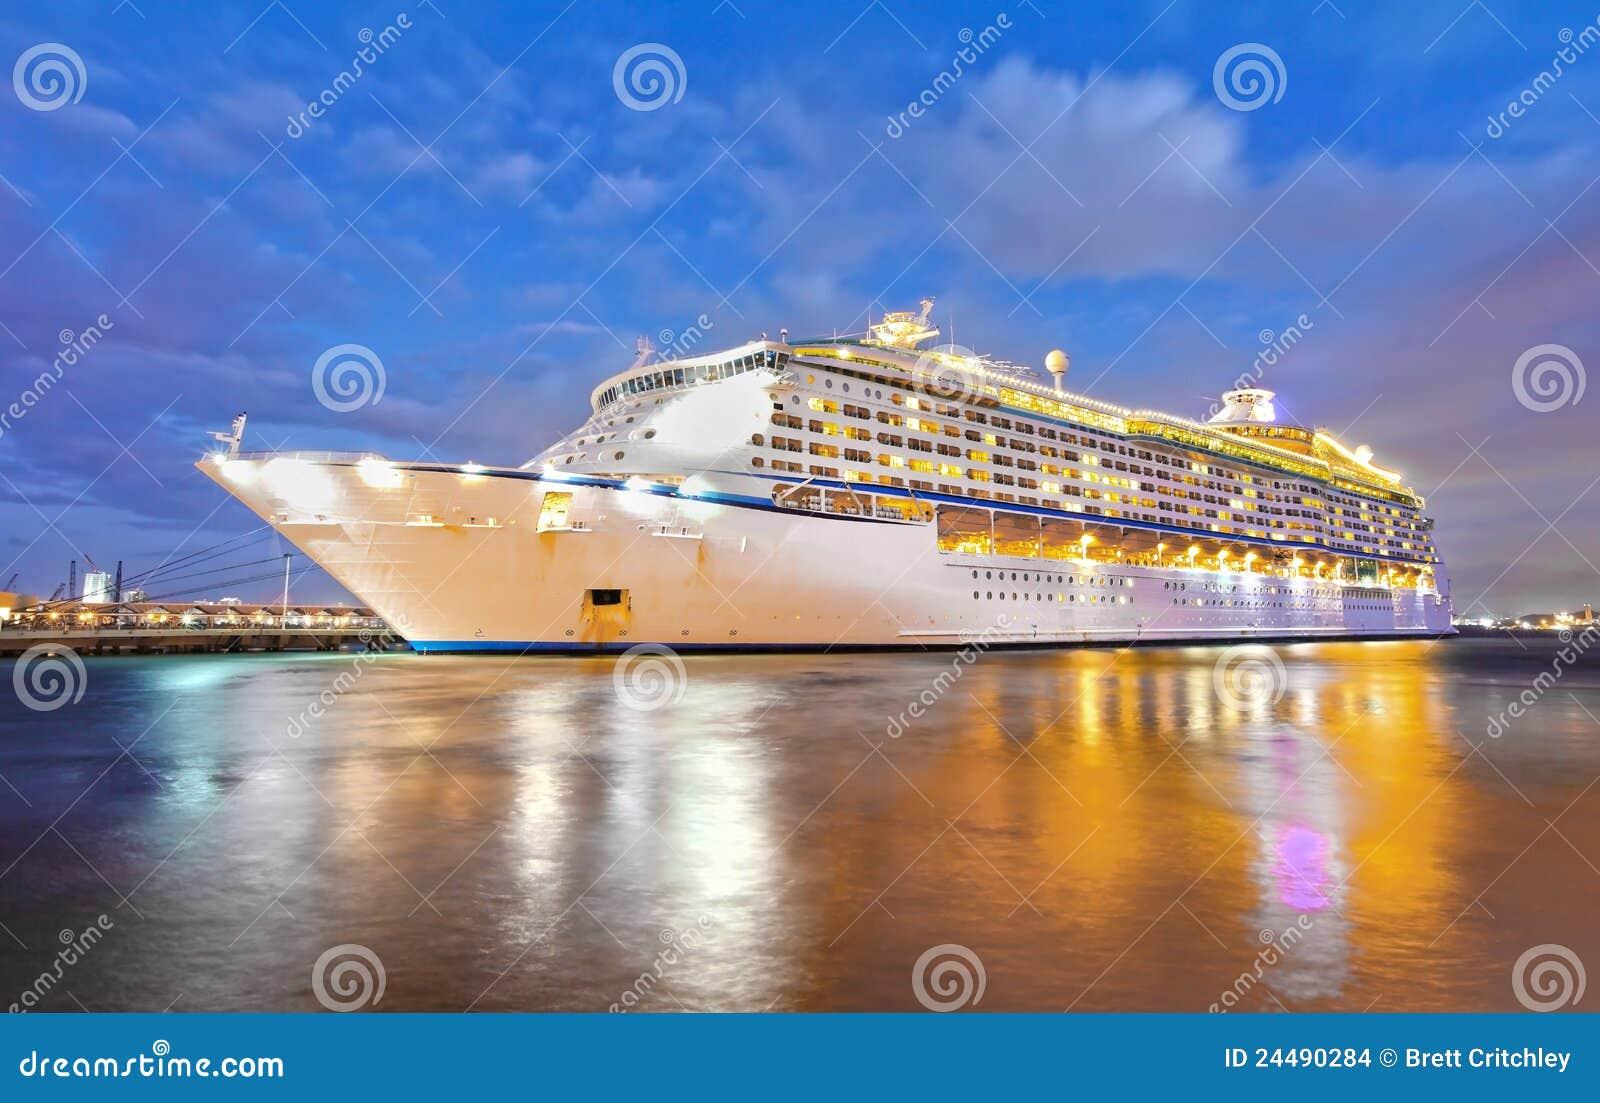 Noche del barco de cruceros